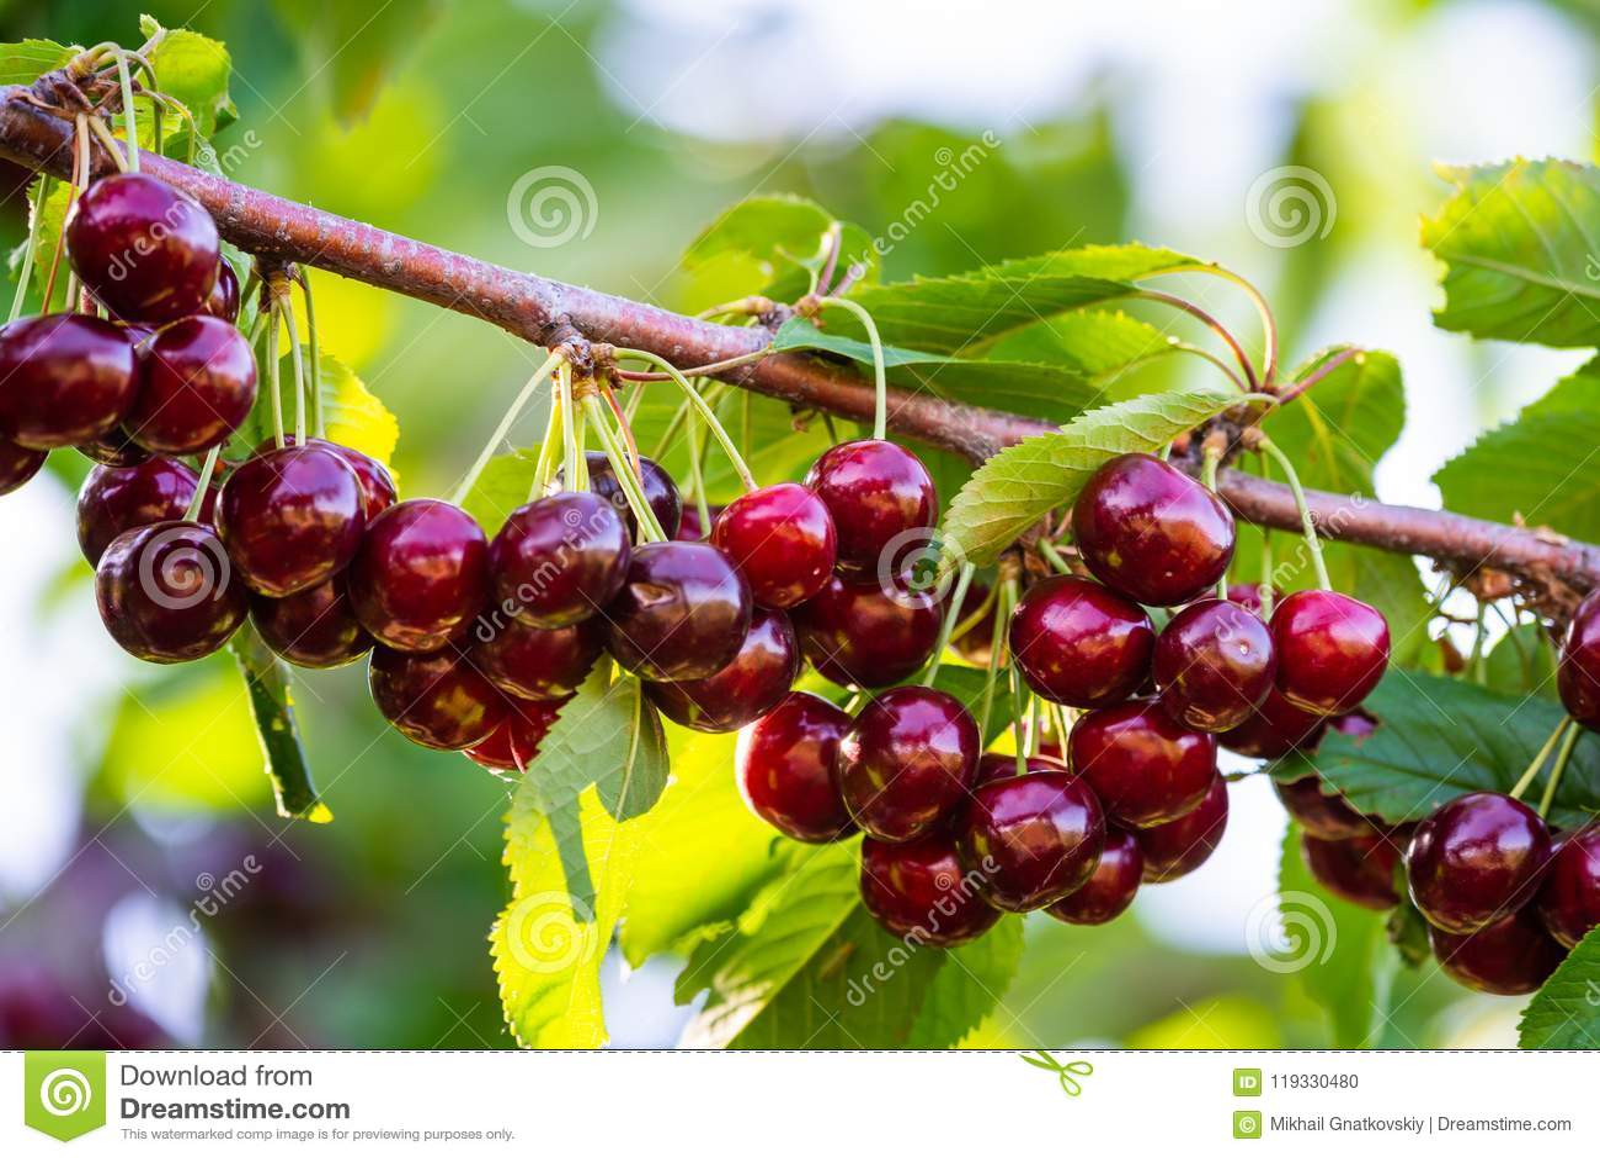 在果树的分支的樱桃在晴朗的庭院里 束在分支的新鲜的樱桃在夏季